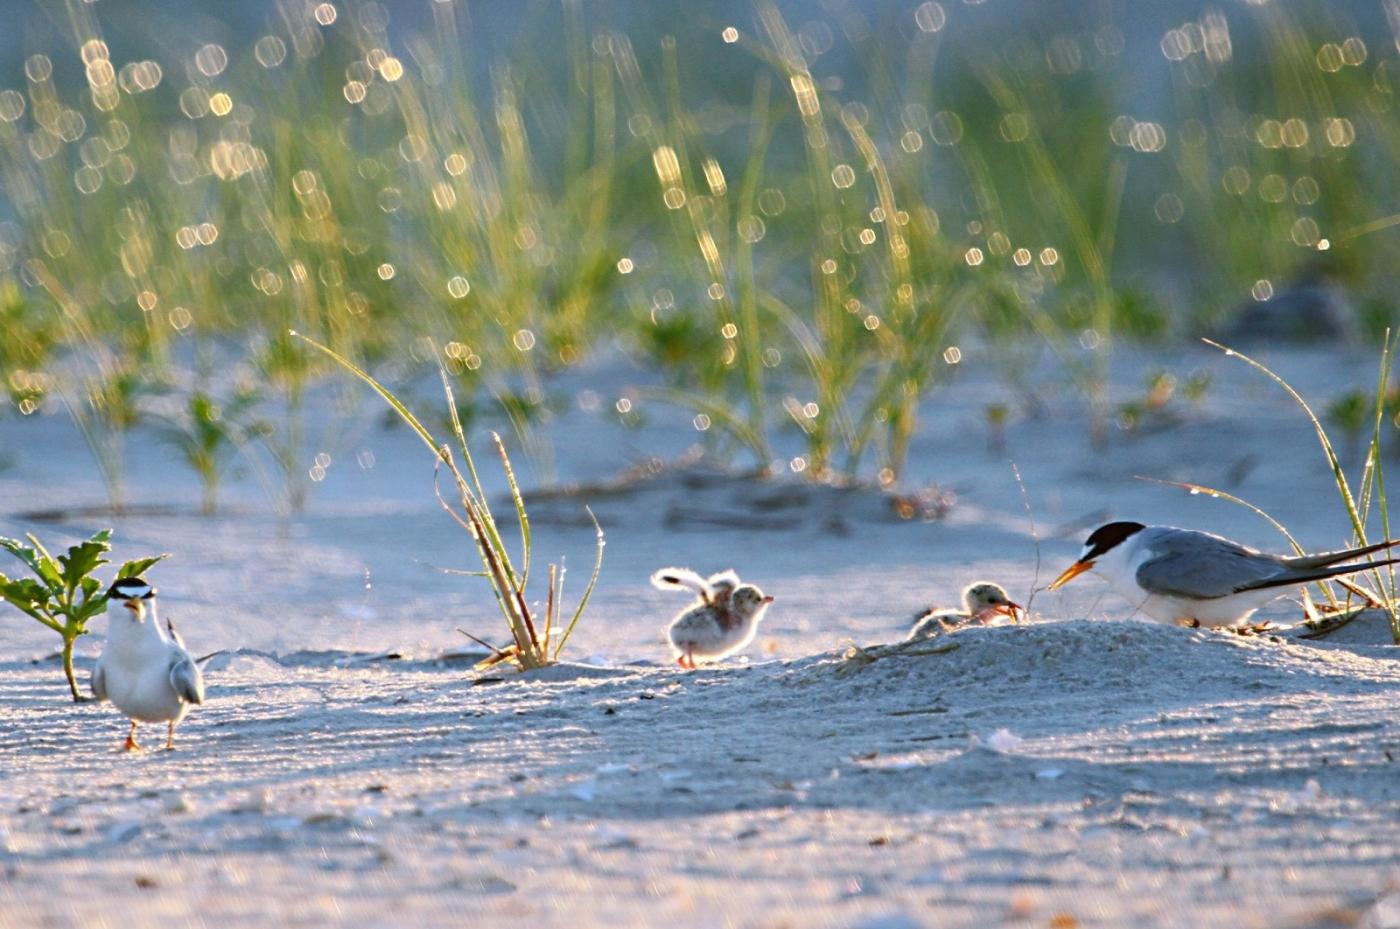 【田螺摄影】黄嘴燕鸥整个出生成长的过程_图1-24